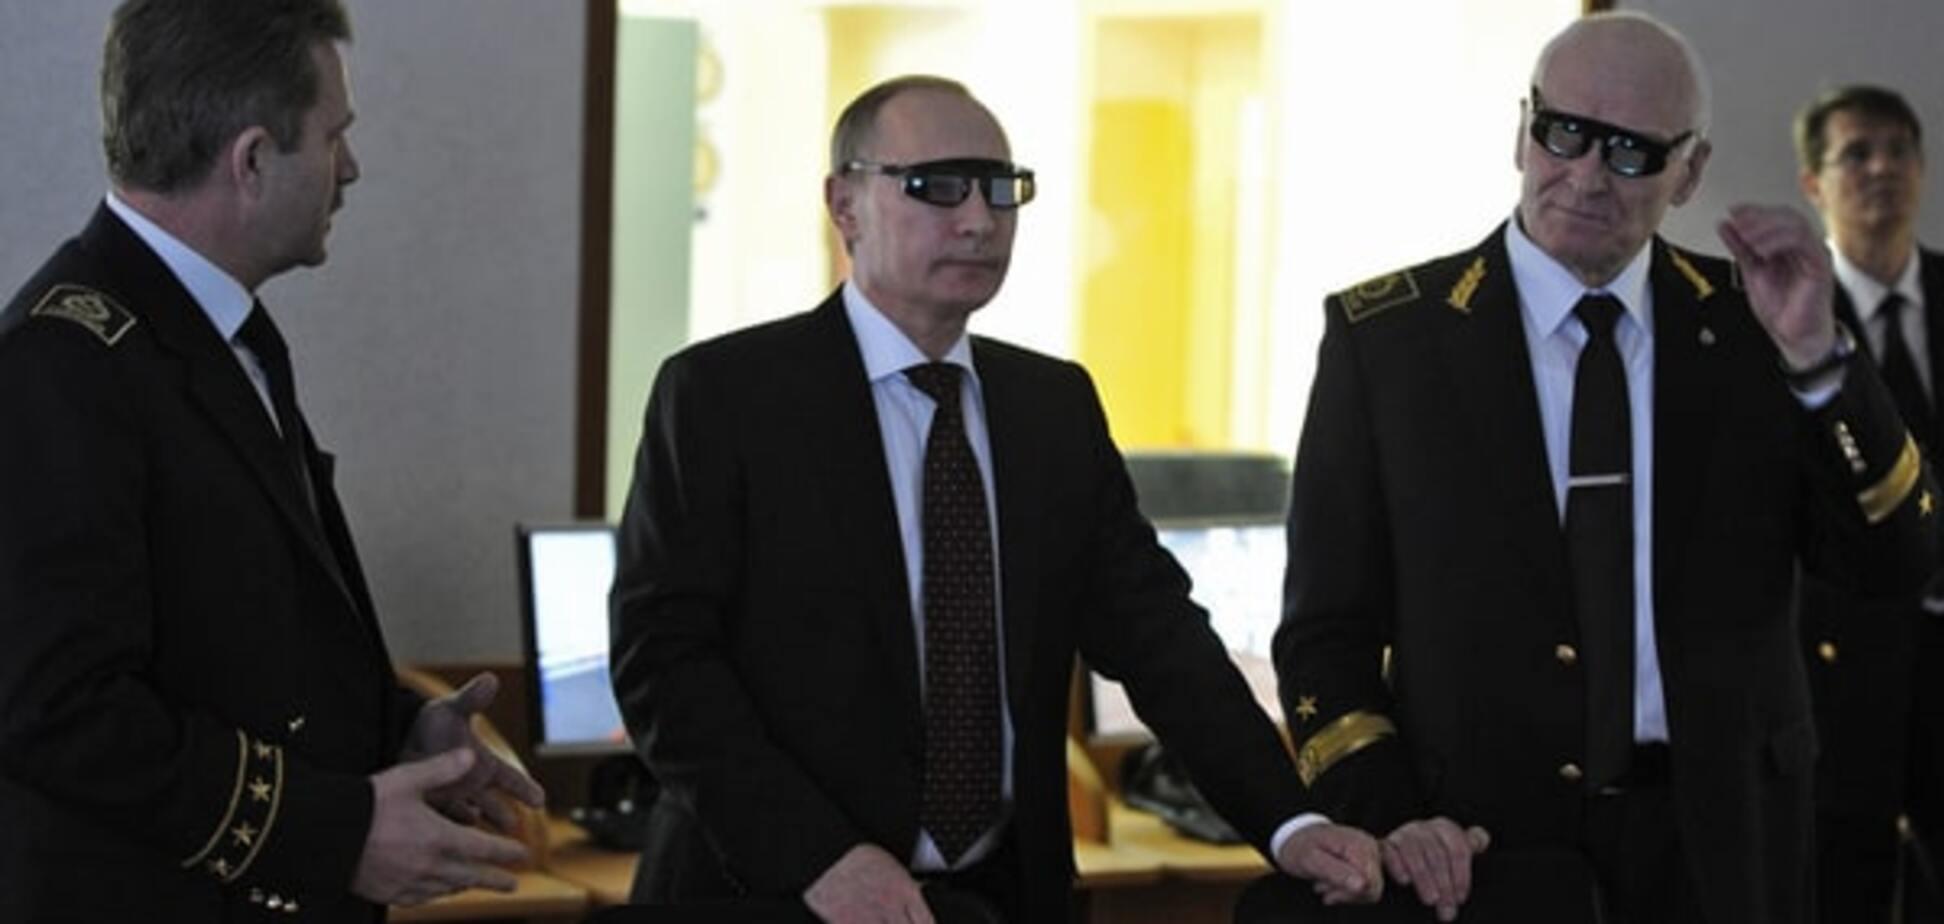 Серьезный сигнал: генерал объяснил, что значит расторжение договора Россия-НАТО